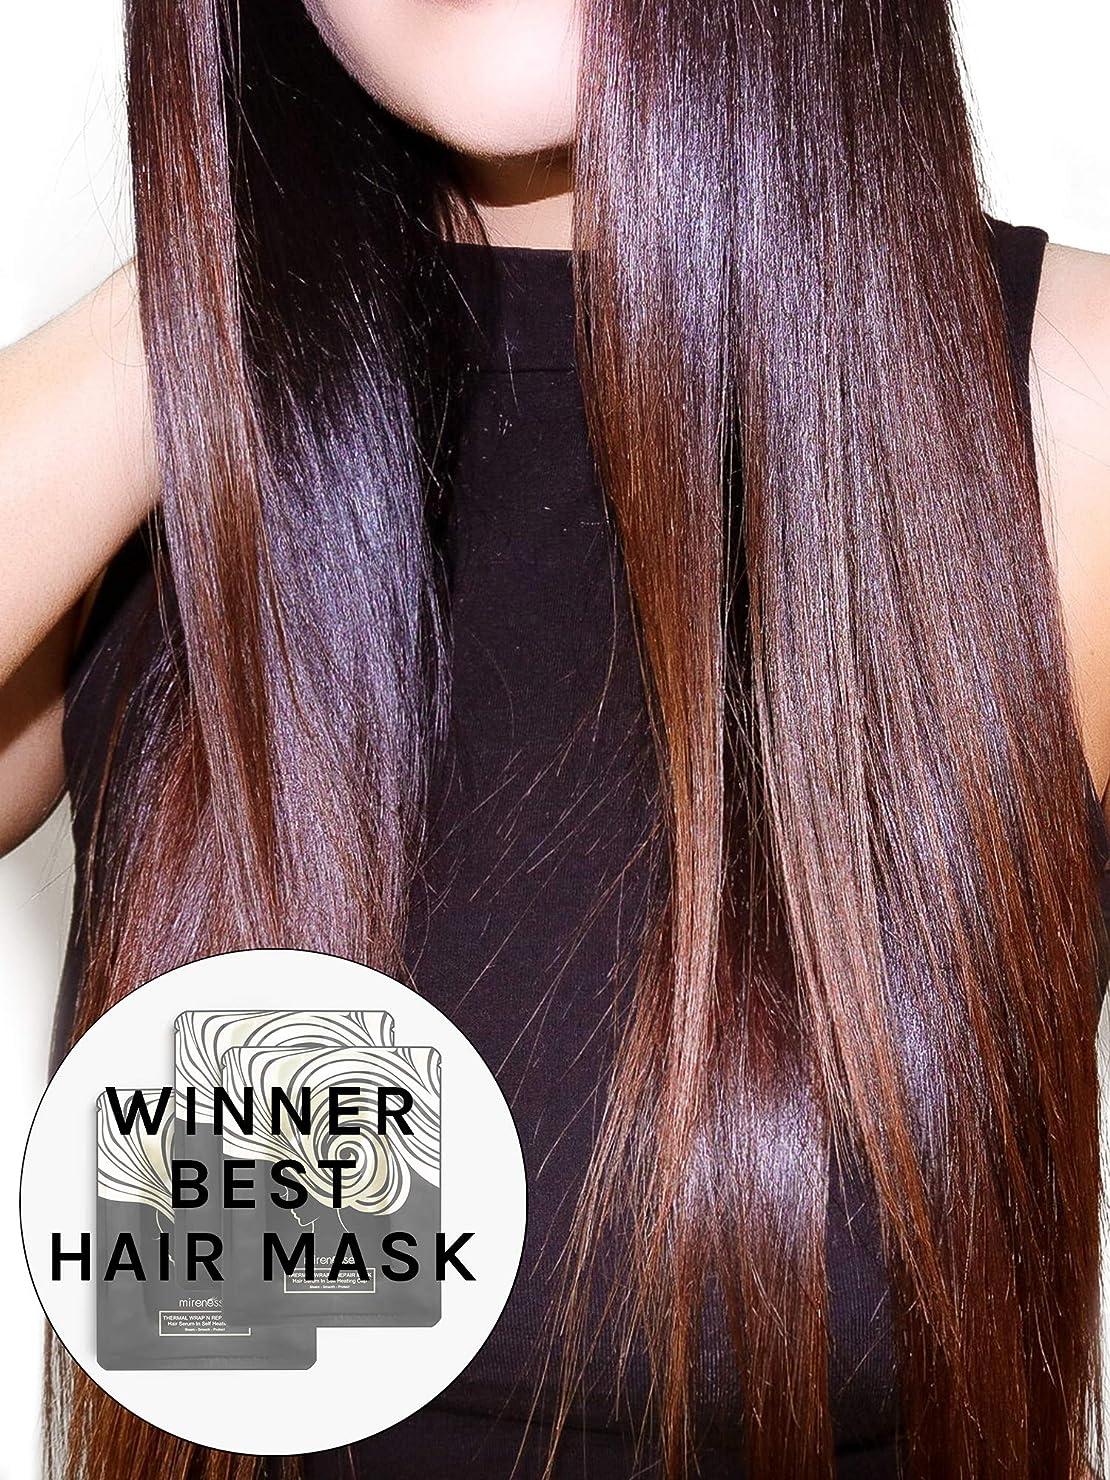 ジャケットぶどう文庫本Mirenesse Thermal Wrap N Repair Hair Treatment Sheet Mask (3 Pack) NEW Serum in Foil Cap for Hair Growth-Deeply Conditions Dry, Damaged, Coloured, Curly & Thin Hair-Natural Coconut & Argan Oil